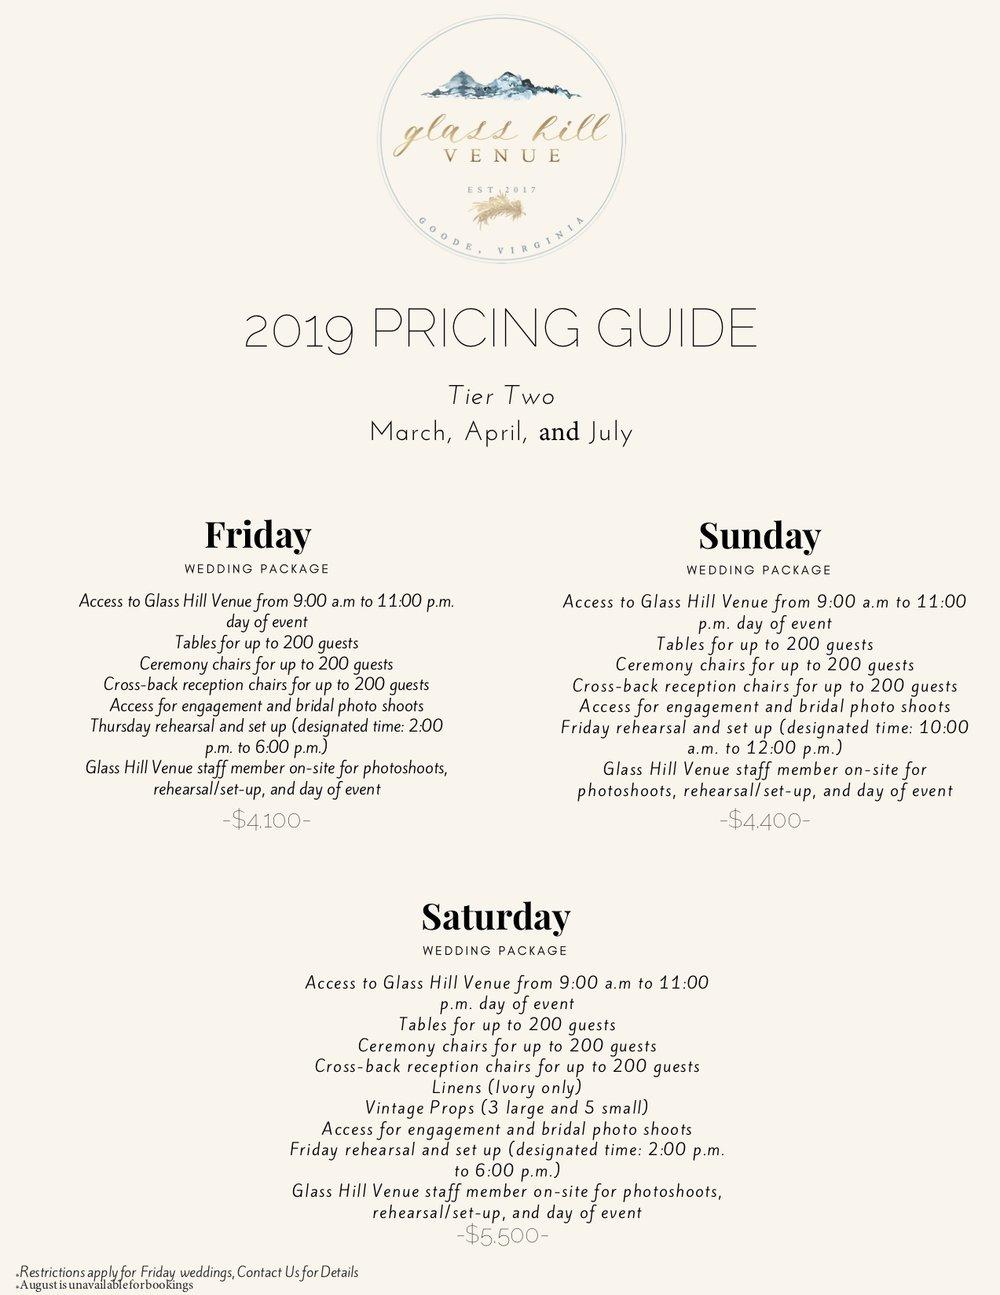 Glass Hill Venue 2019 Price Guide 1.jpg